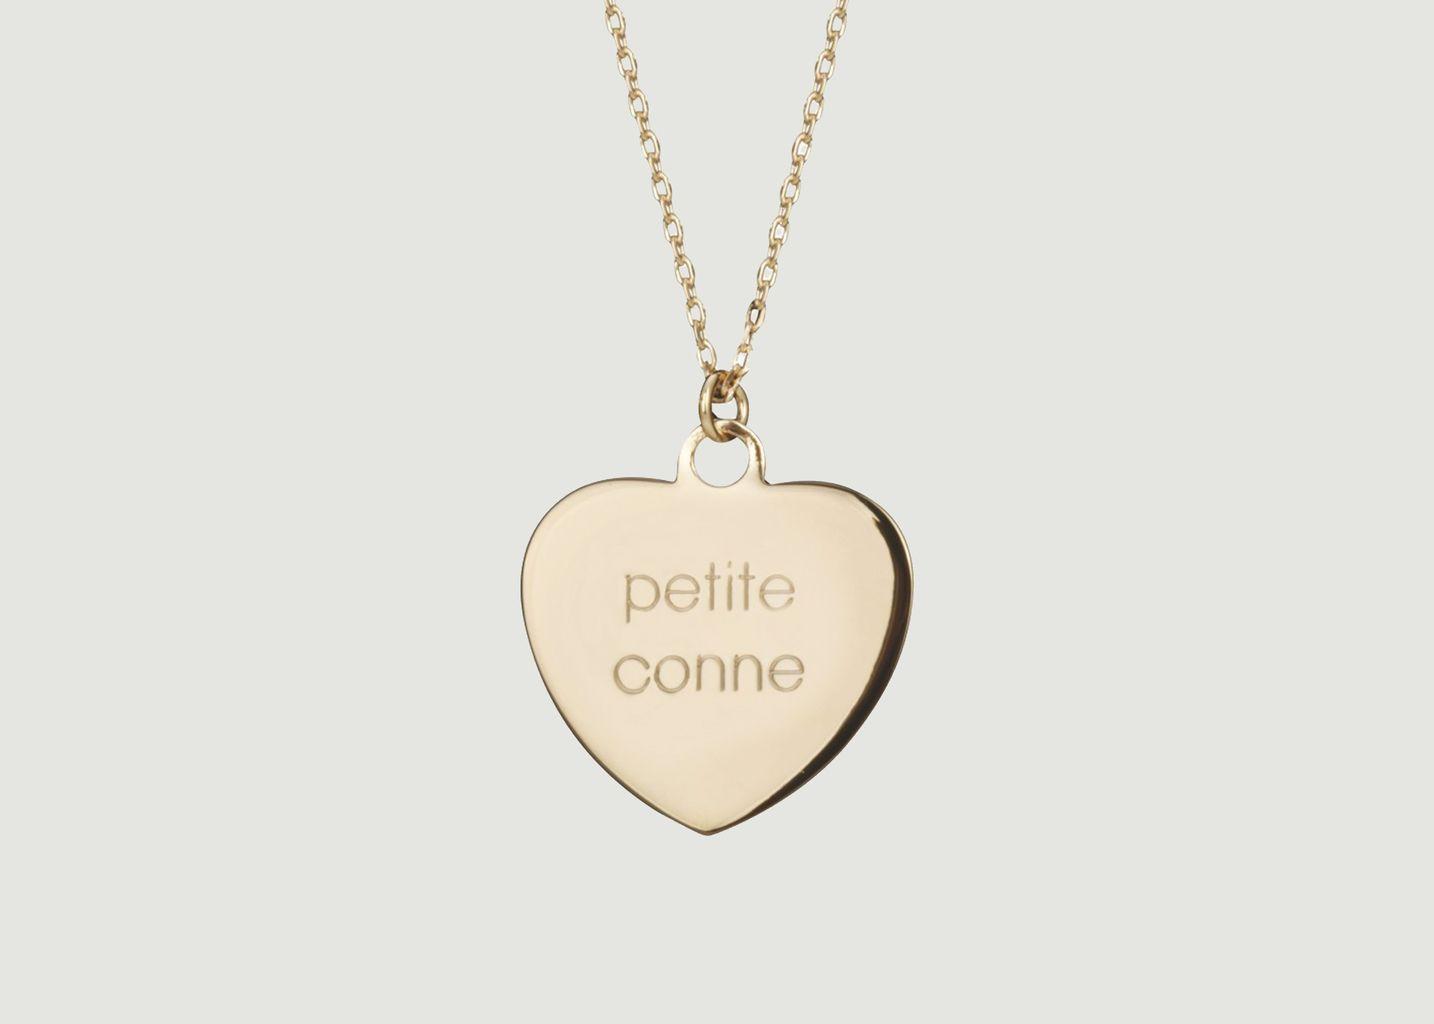 Collier Petite Conne - Felicie Aussi